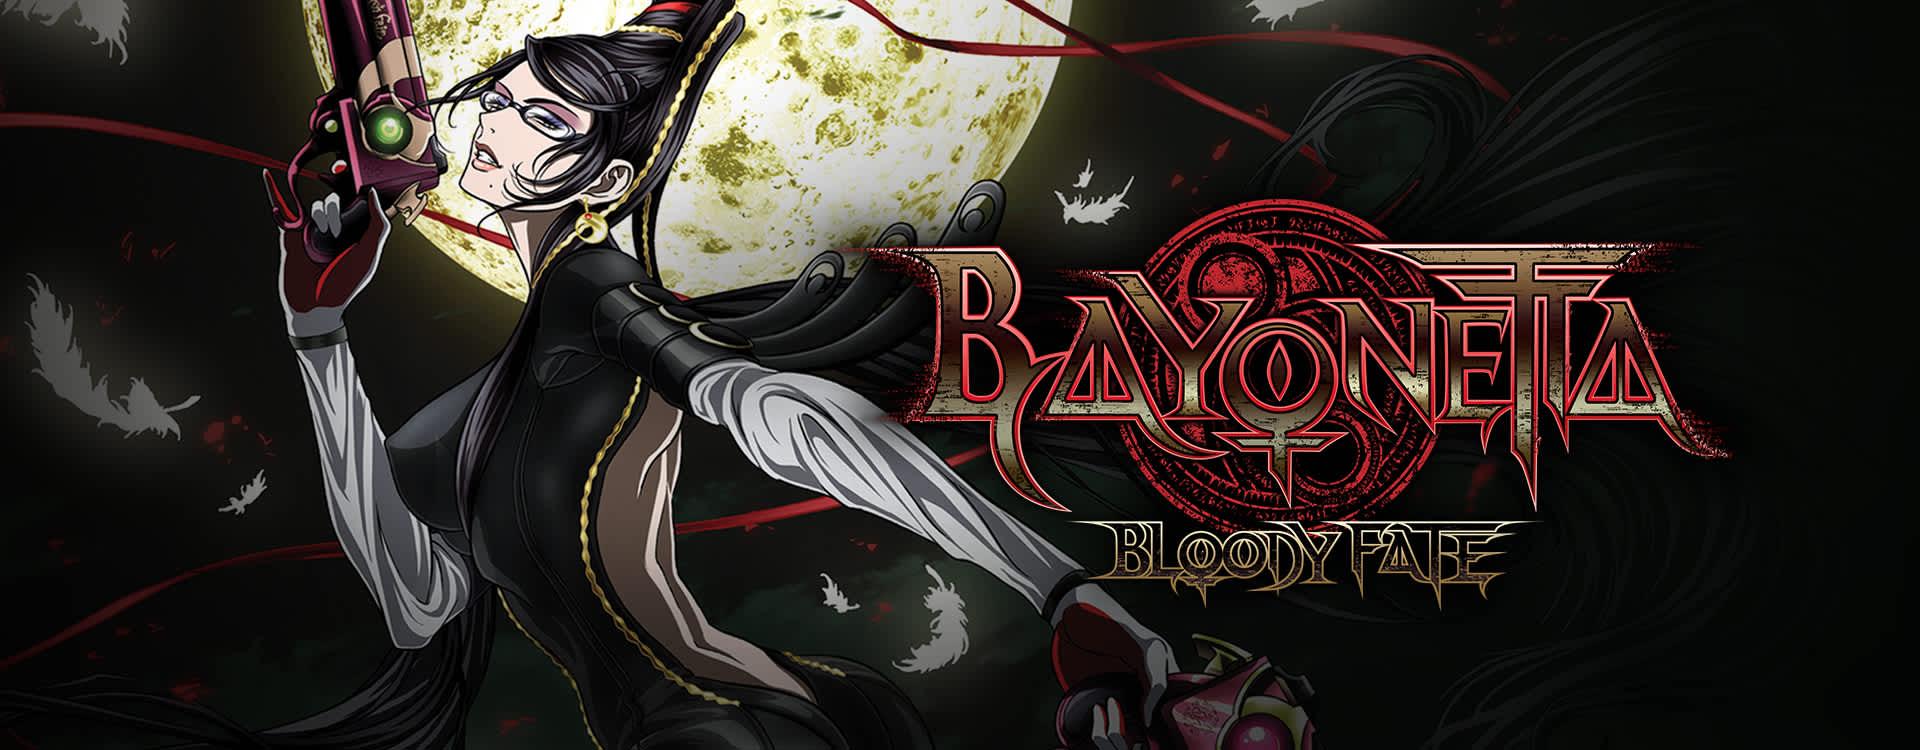 Bayonetta: Bloody Fate - Bayonetta: Huyết Phận